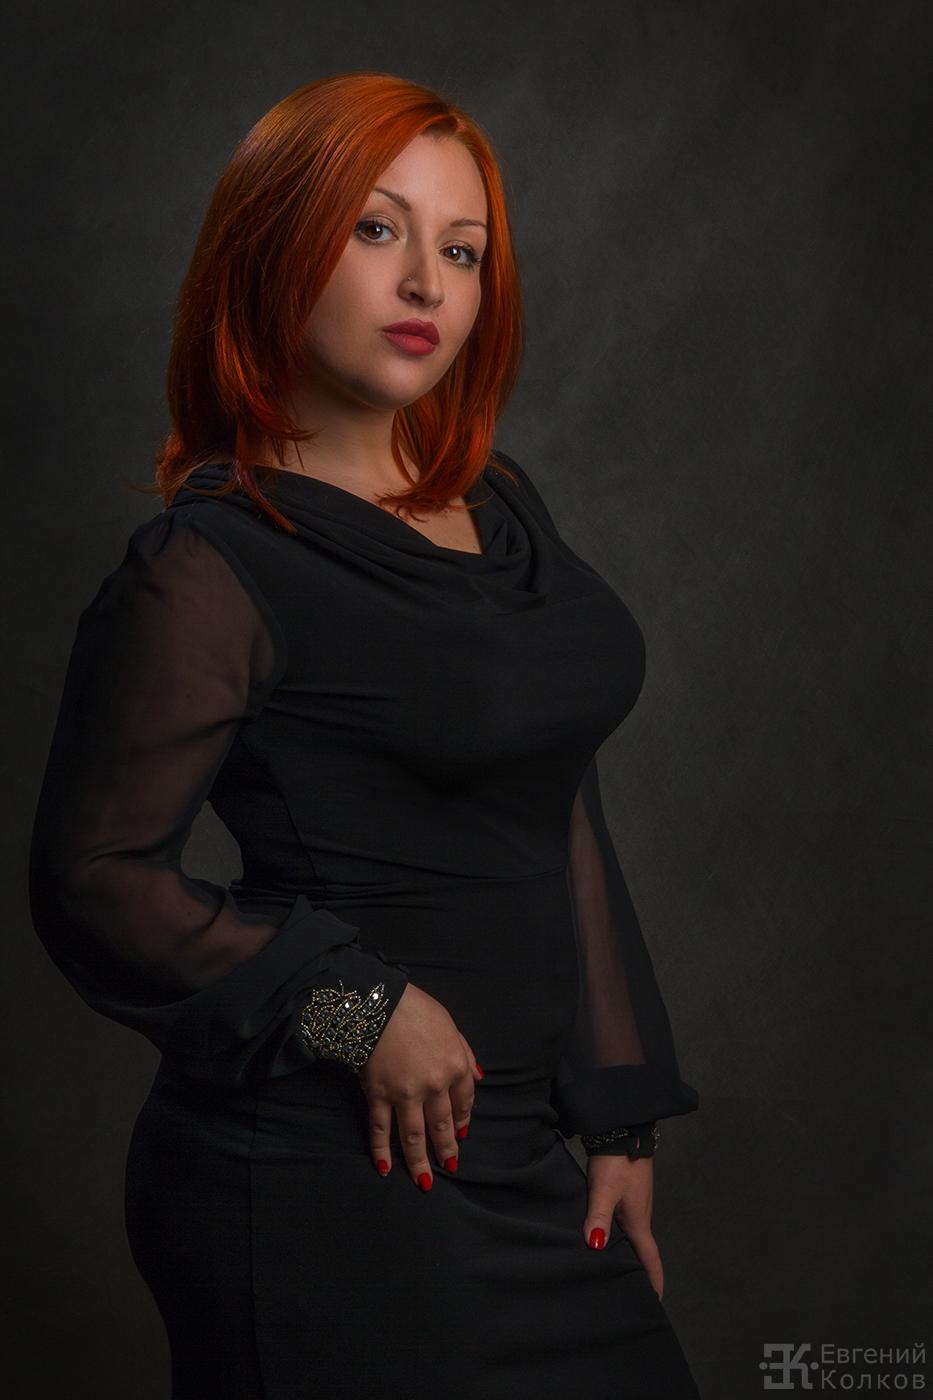 Женский фотопортрет. Фото: Евгений Колков